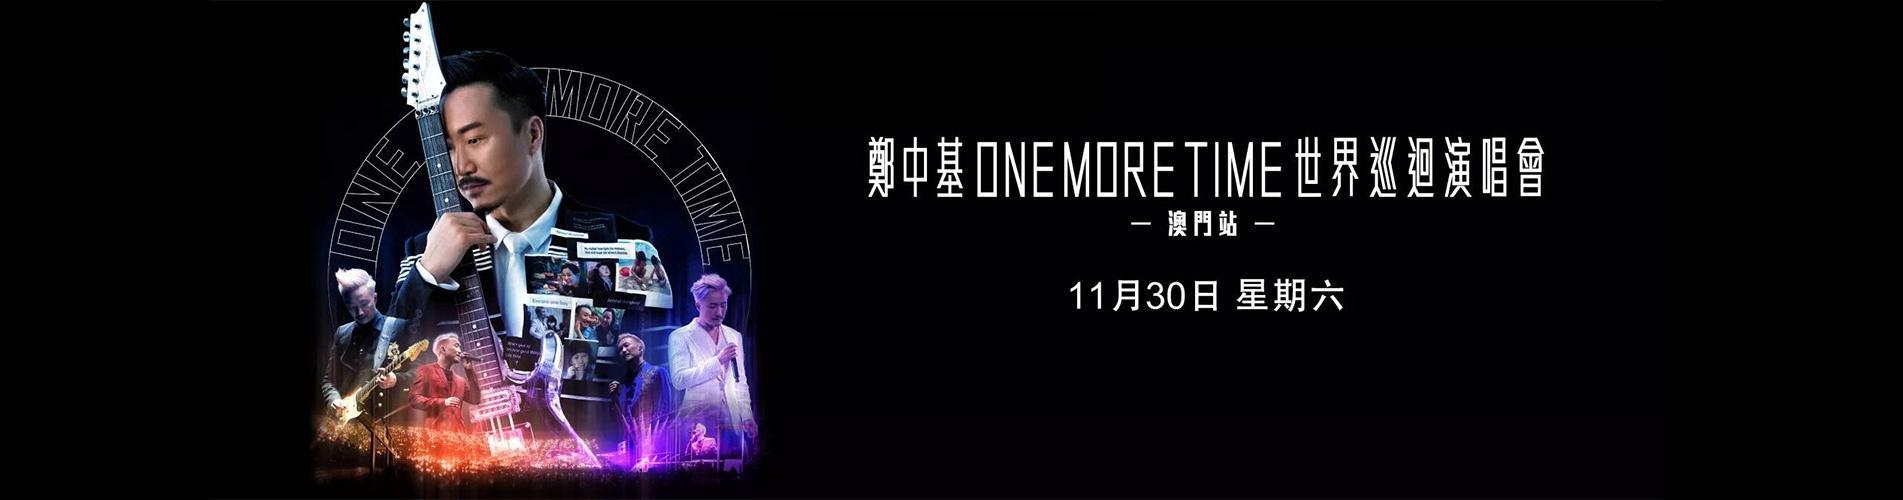 鄭中基 ONE MORE TIME 世界巡迴演唱會2019 - 澳門站